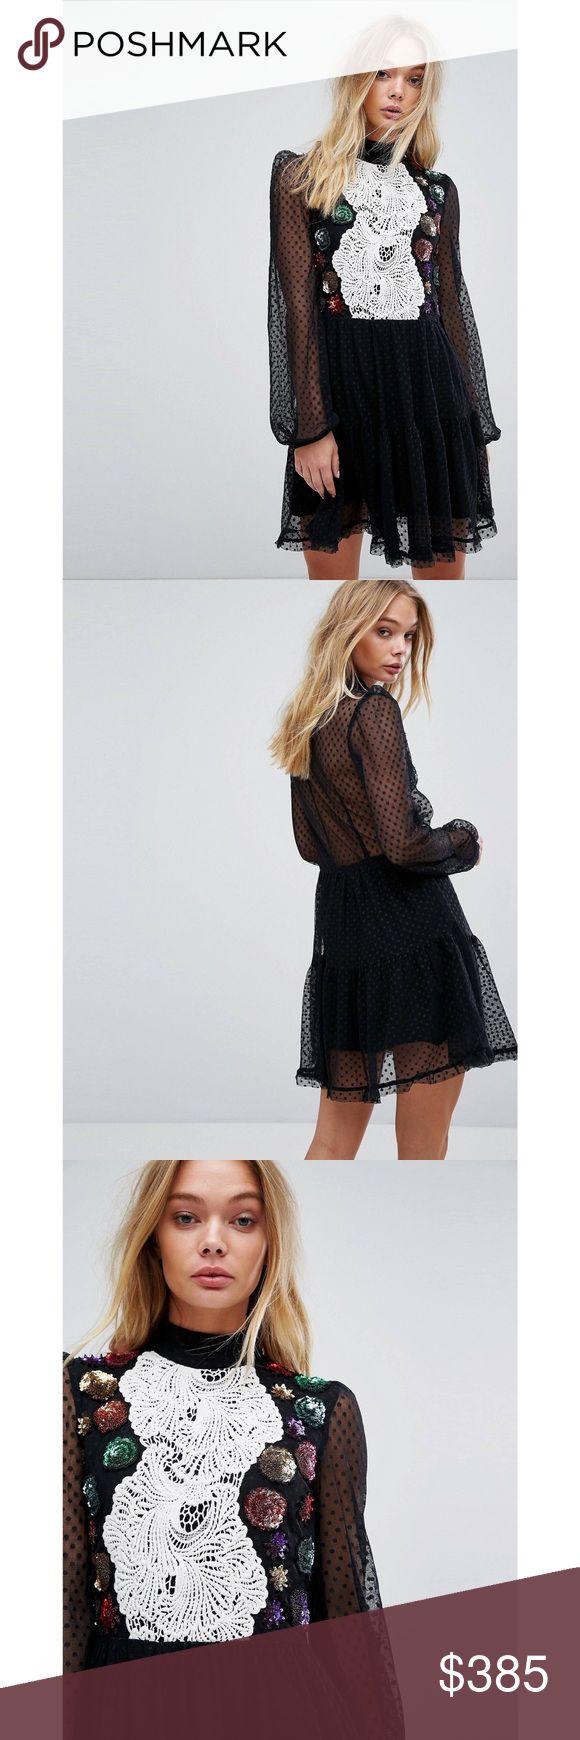 Millie Mackintosh Dress 100% authentic ! Brand new with tags 💓 millie mackintosh Dresses Long Sleeve